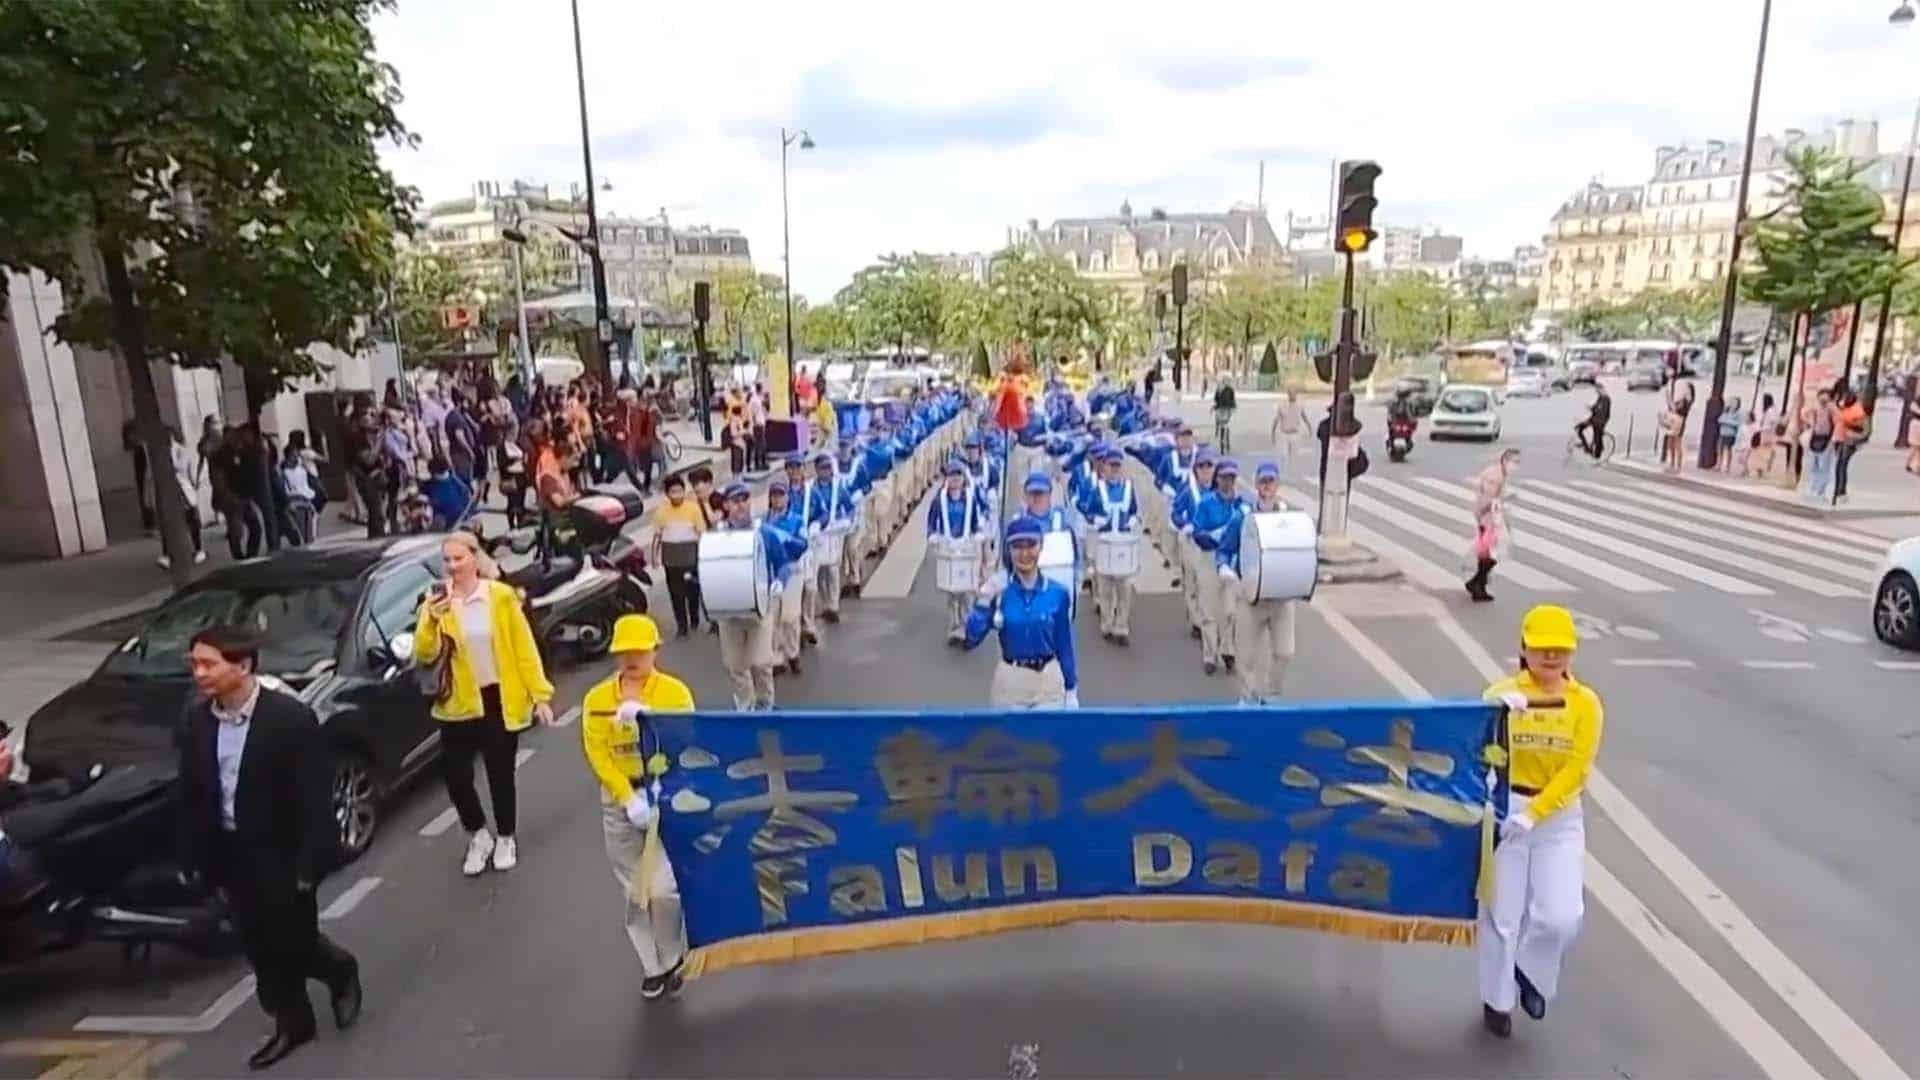 Parade de Falun Dafa